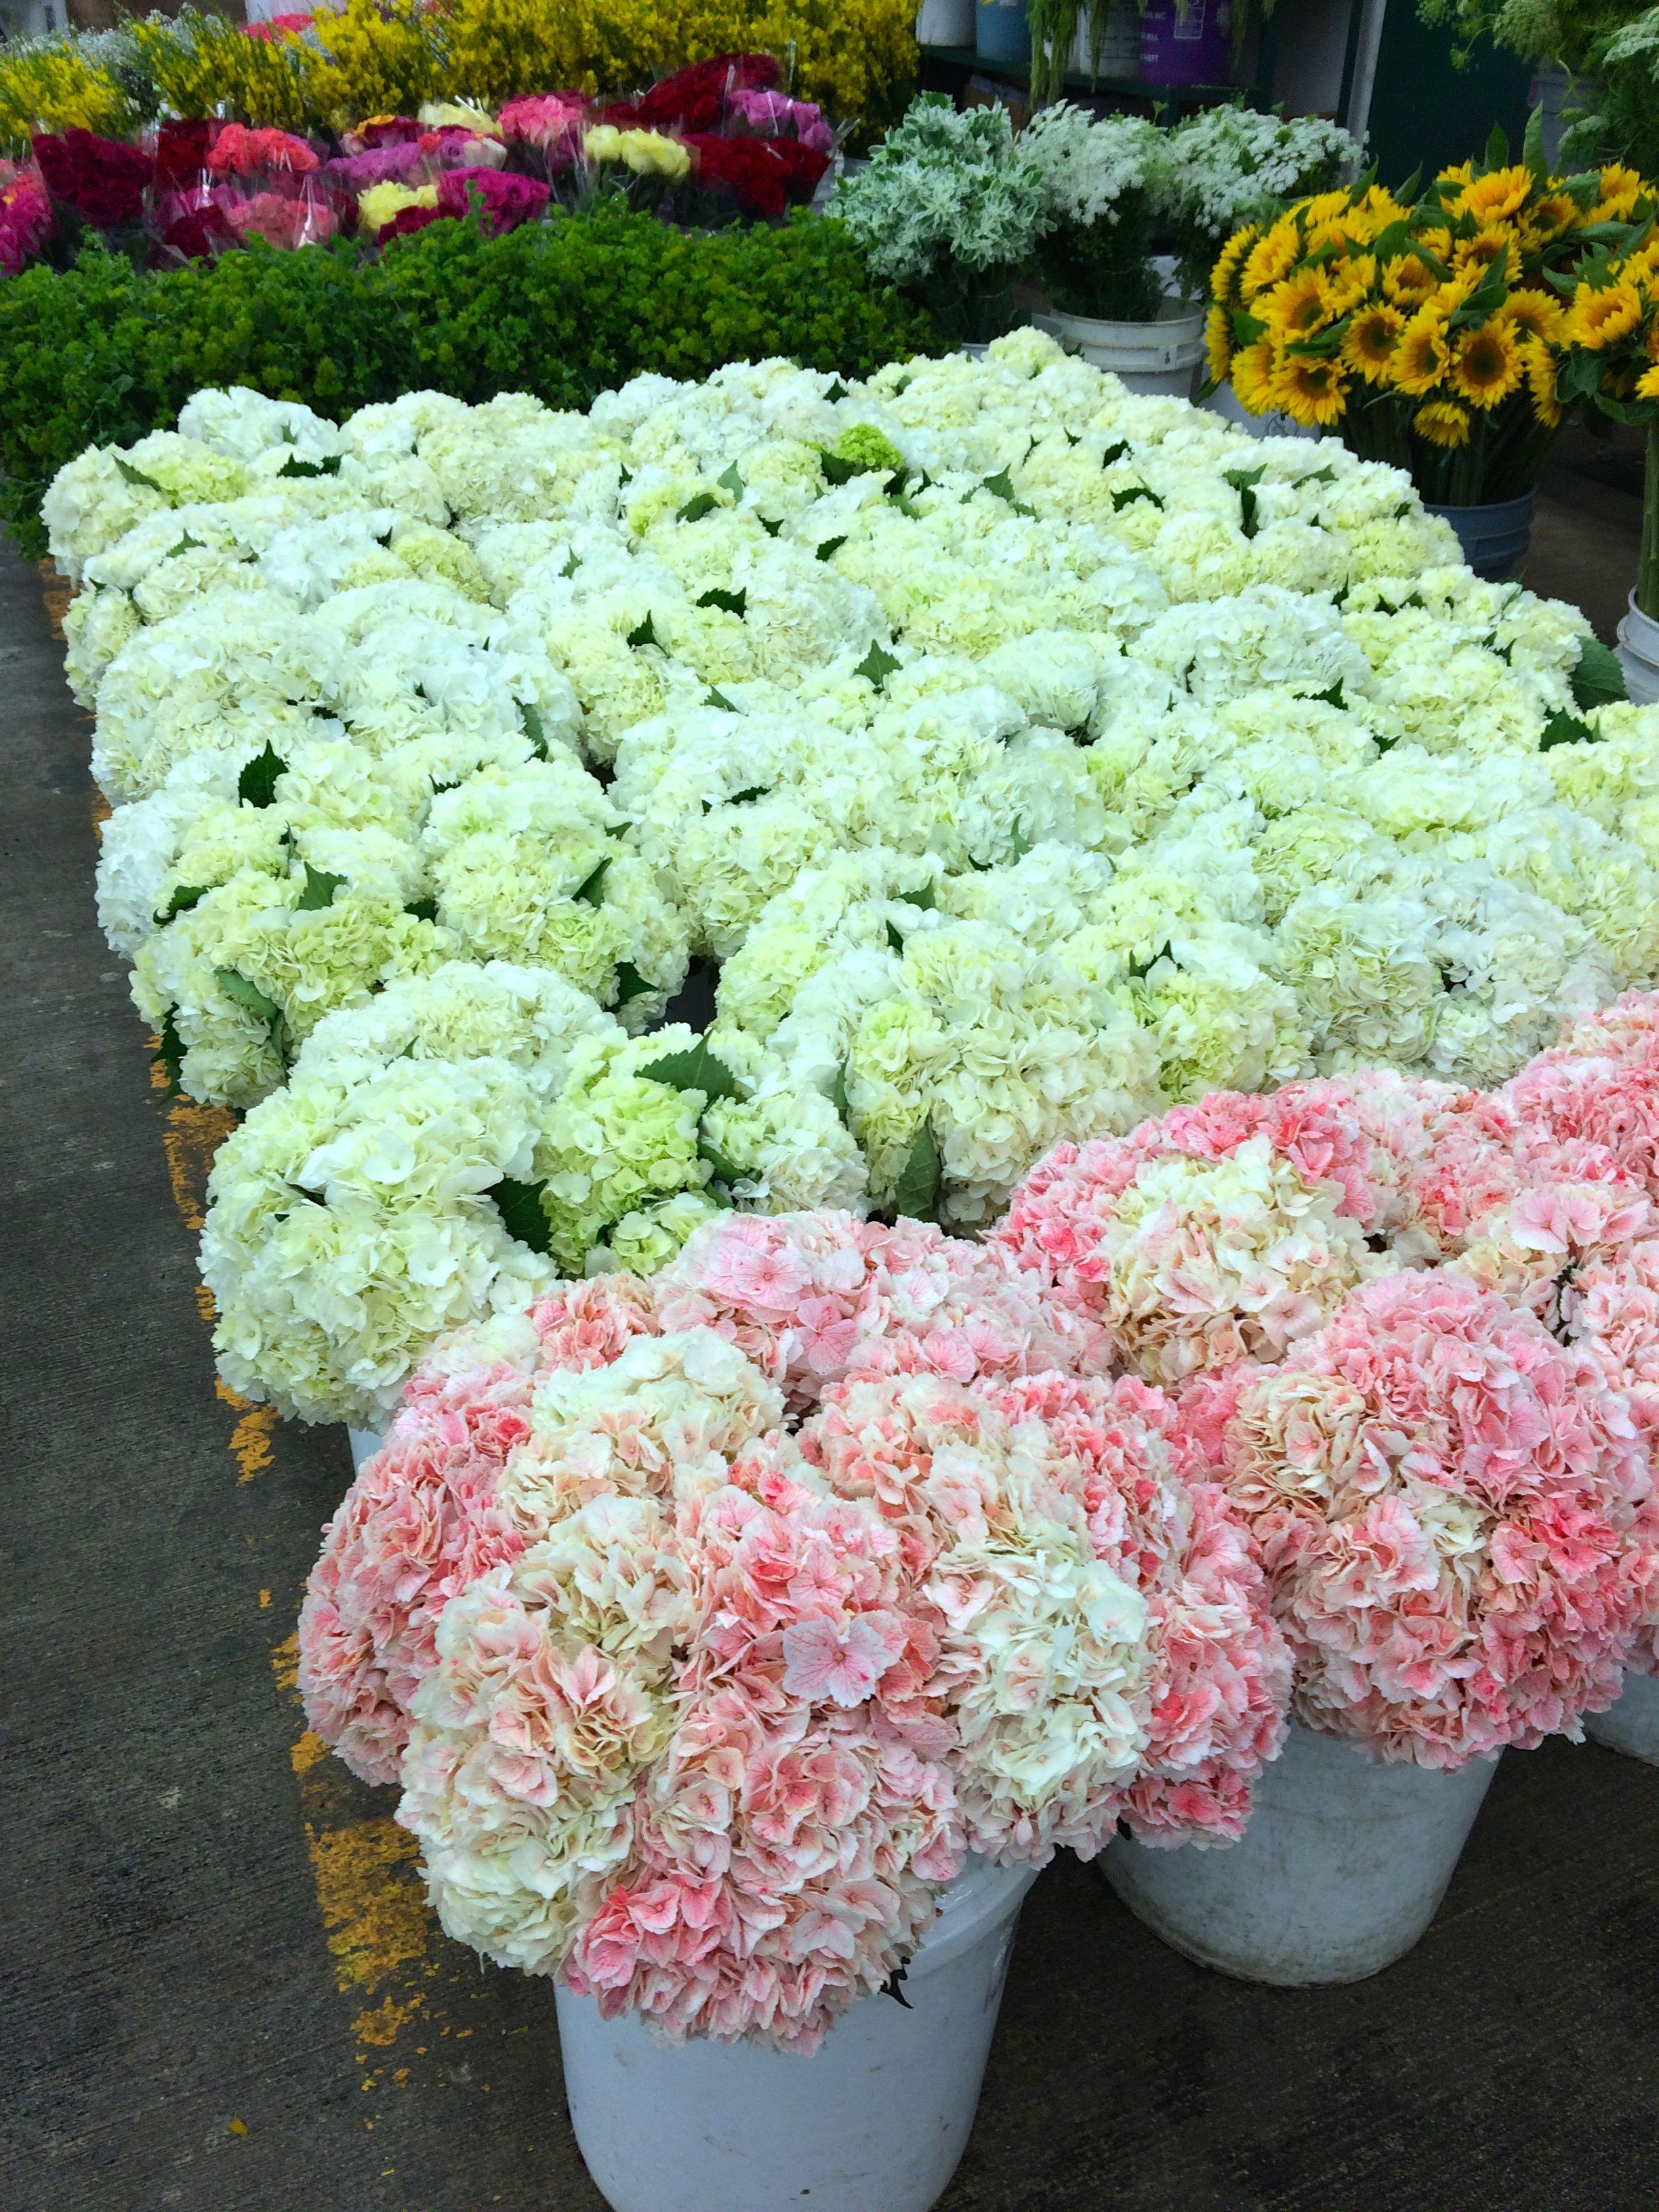 Pin By Original La Flower Market On Hydrangea Flowers Pink Champagne Wedding Hydrangea Flower Flower Market